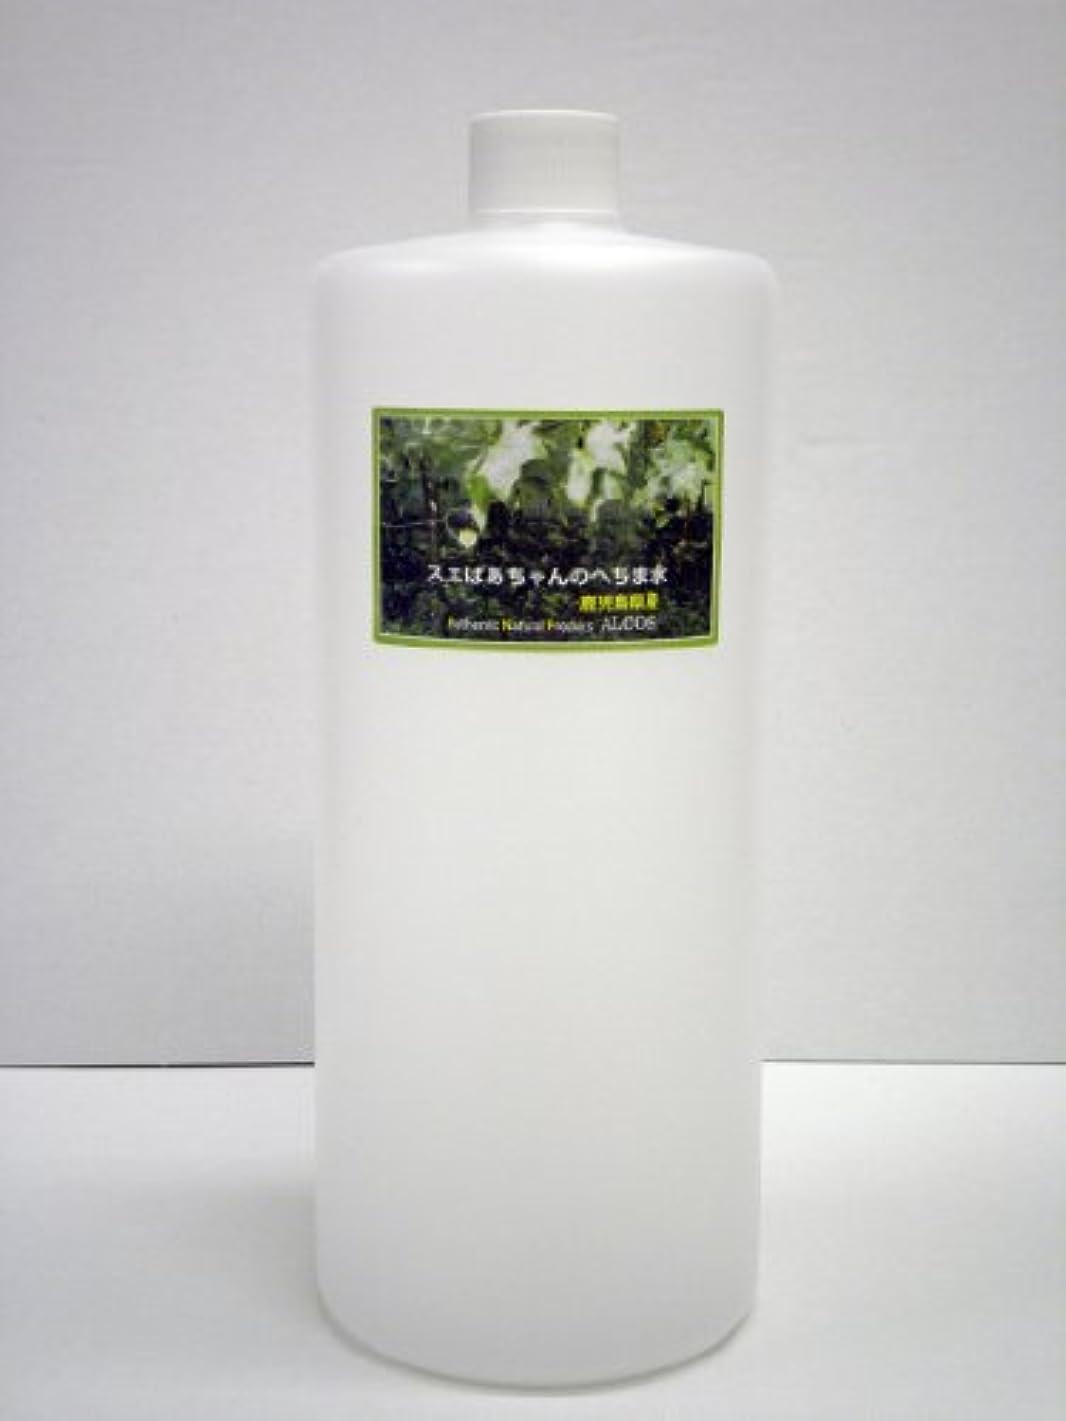 養う忠実成り立つスエばあちゃんのへちま水(容量1000ml)鹿児島県産?有機栽培(無農薬) ※完全無添加オーガニックヘチマ水100% ※商品のラベルはスエばあちゃんのへちま畑の写真です。ALCOS(アルコス) 天然へちま水 [1000]